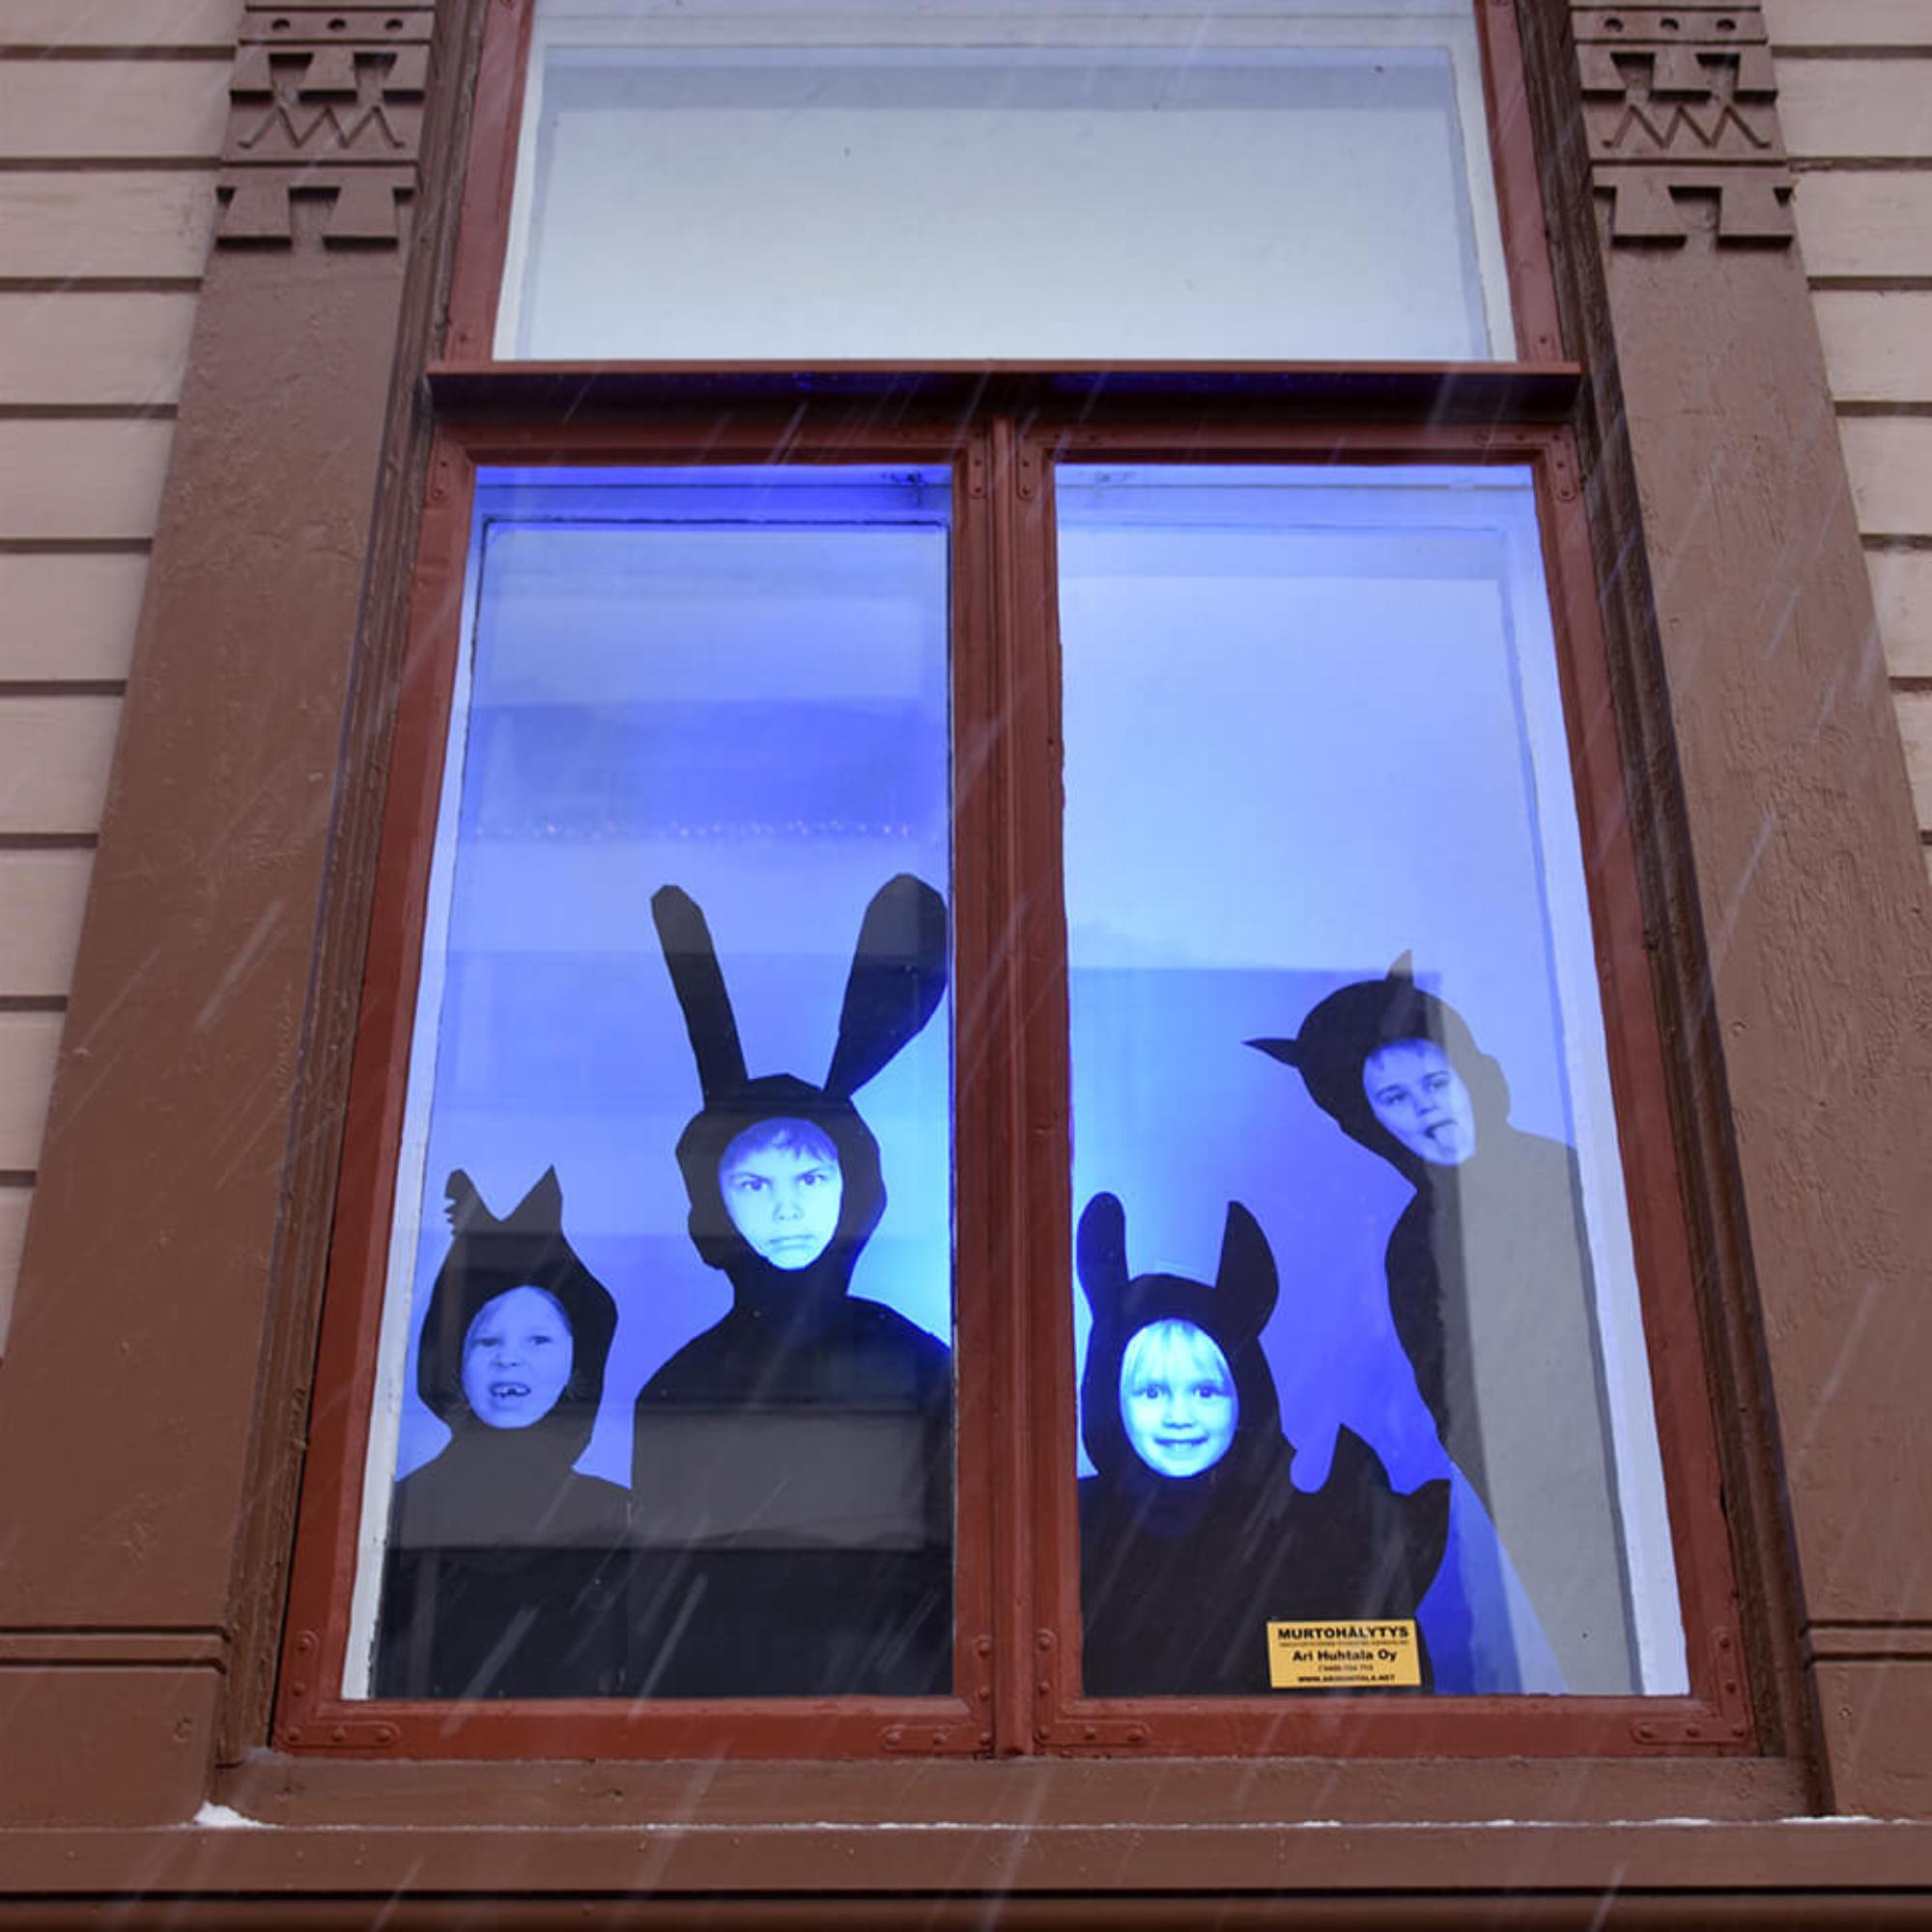 Porin taidekoulun oppilaiden eläimellisiä omakuvia koulun ikkunoissa.